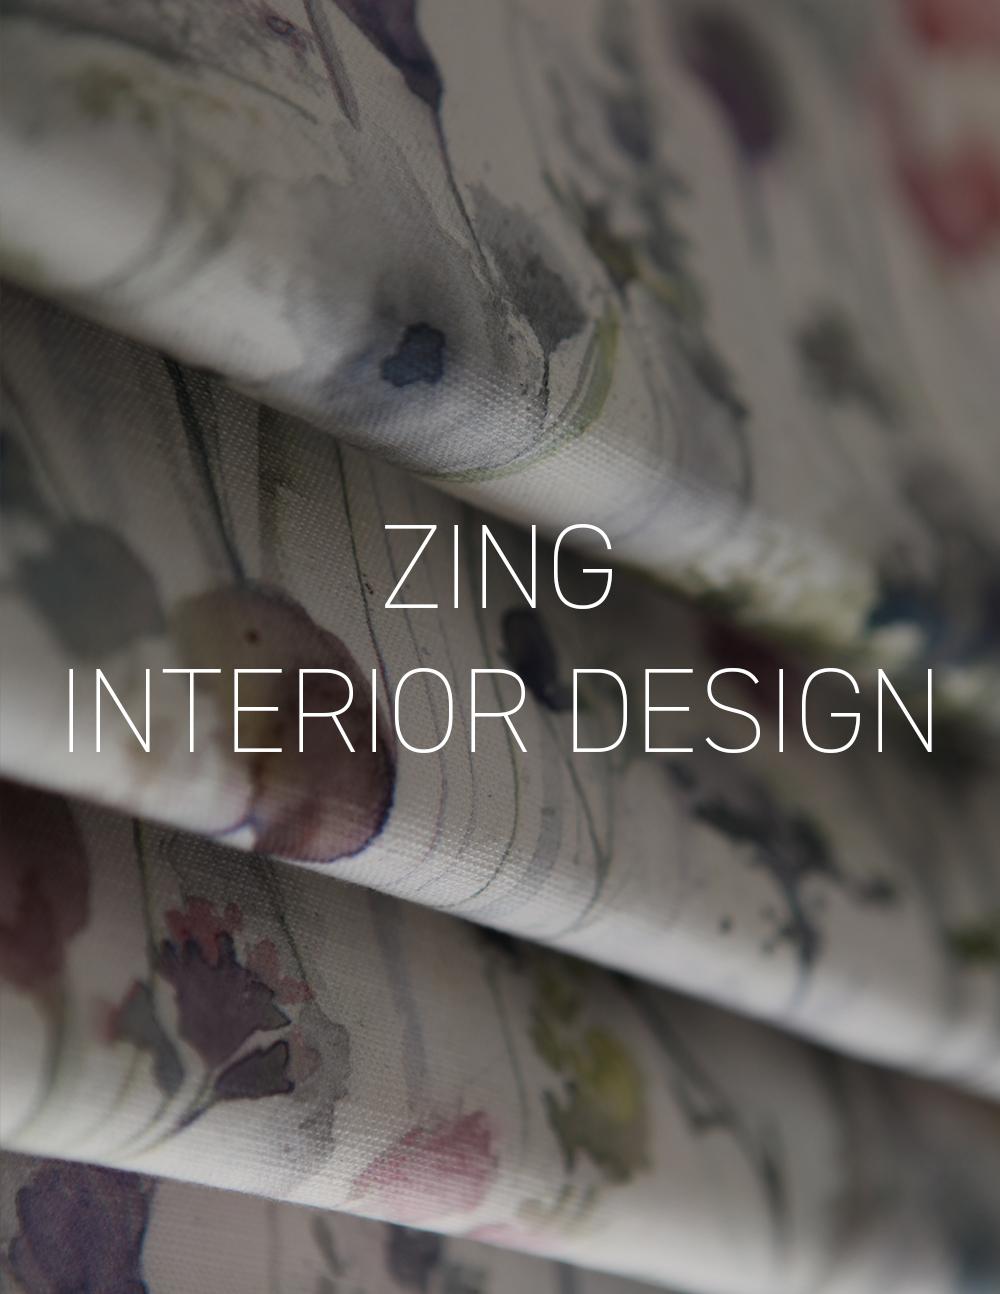 Interior Design large composite.jpg